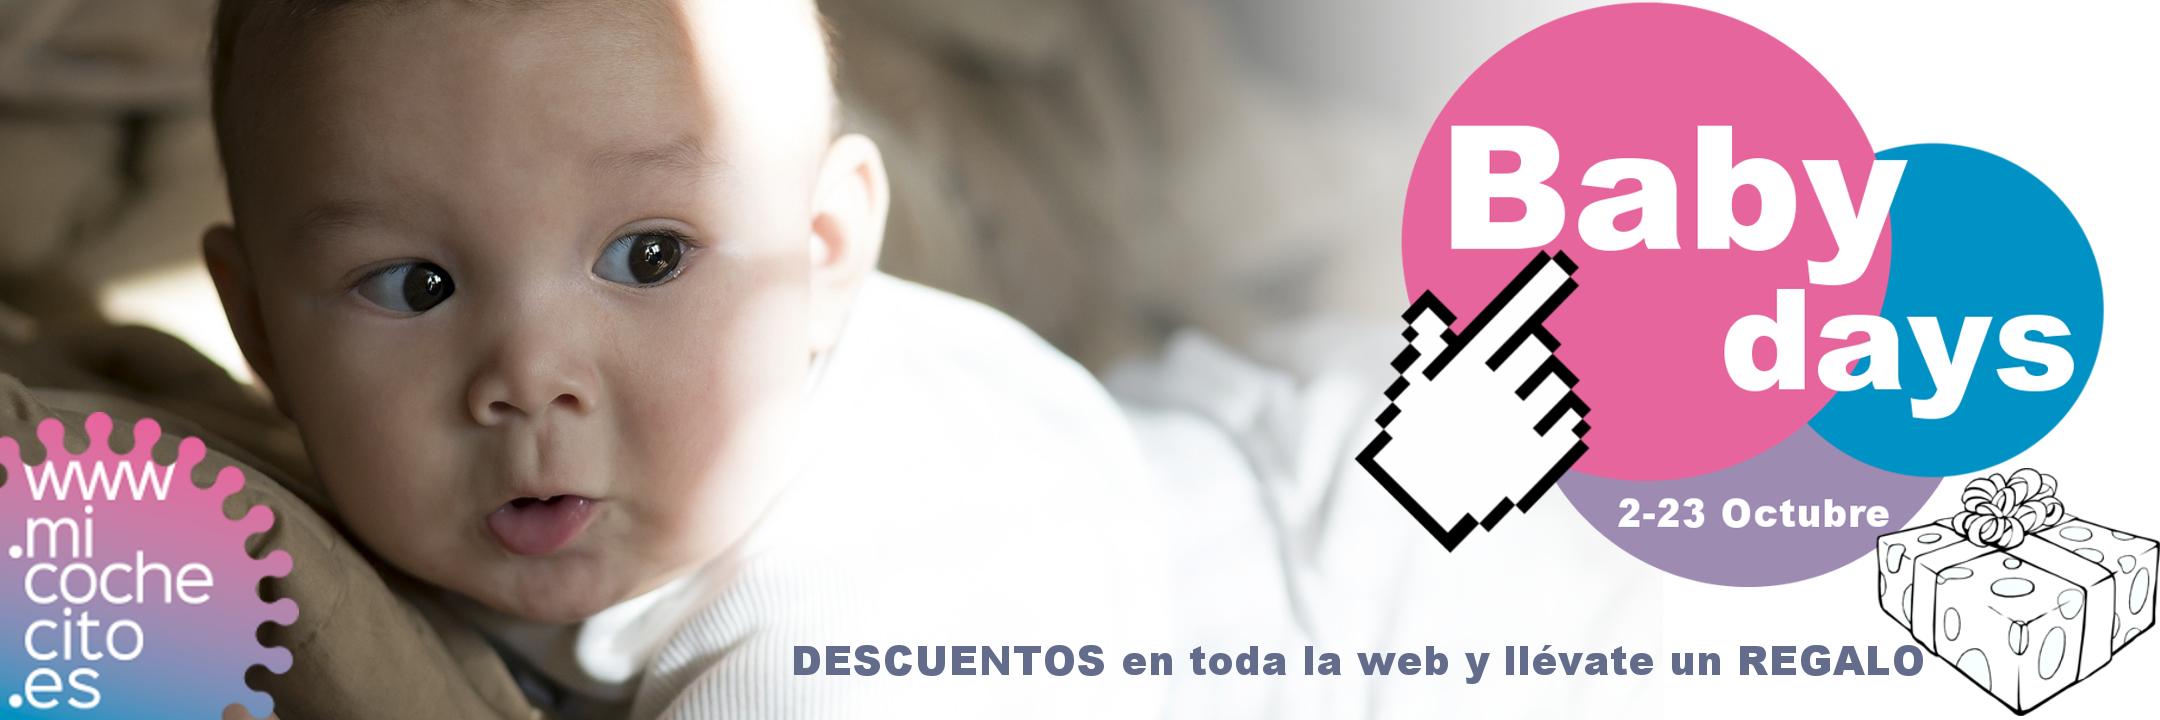 Días del bebé con descuentos en toda la web y regalos